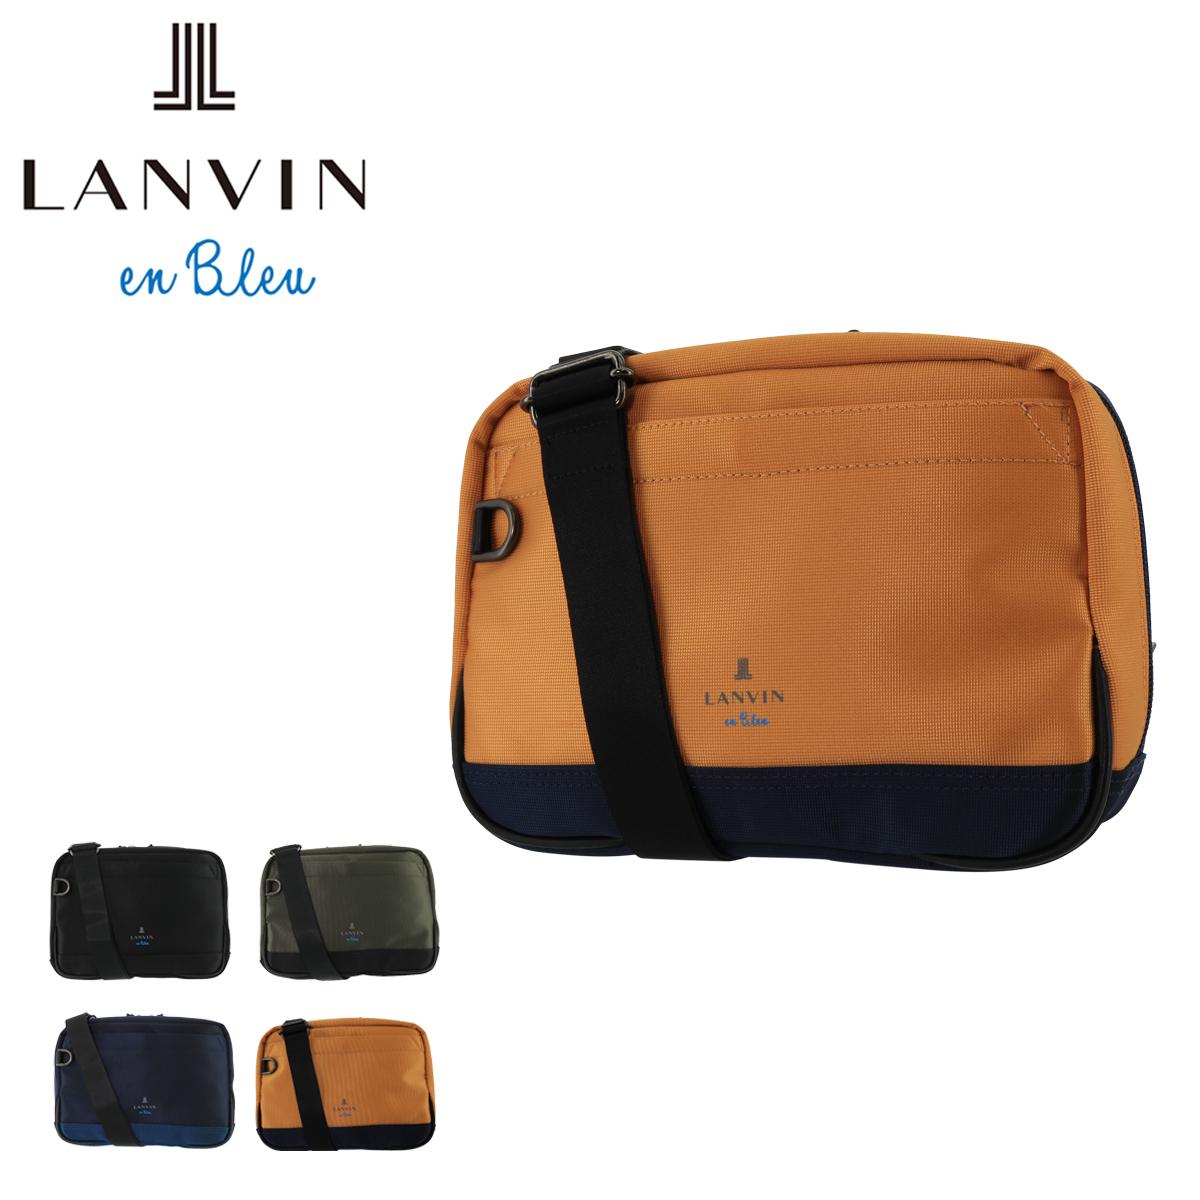 ランバンオンブルー ショルダーバッグ アルピーヌ メンズ 547101 日本製 LANVIN en Bleu | コンパクト 本革 レザー [bef][PO10]